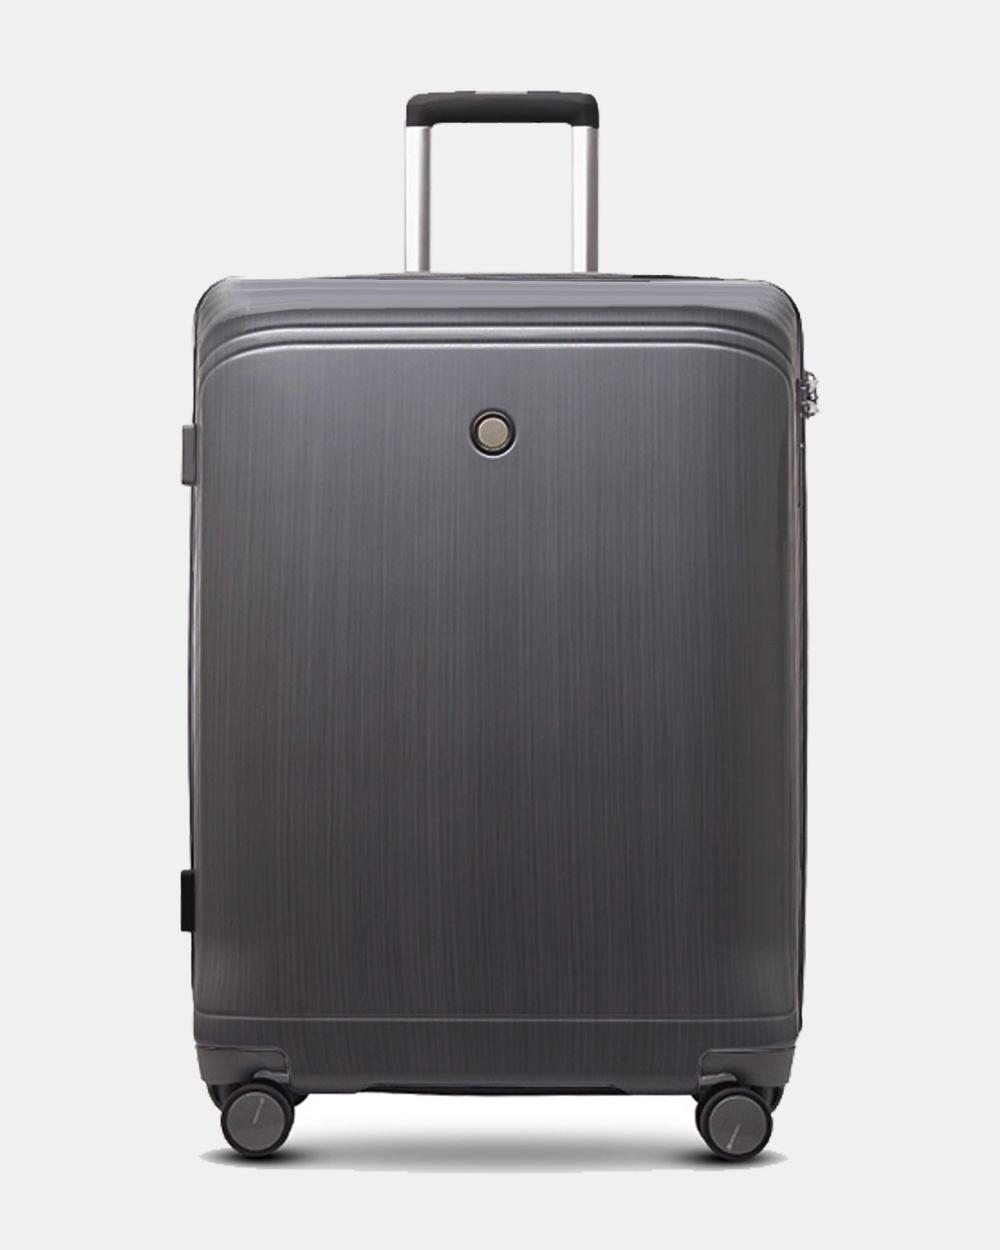 Echolac Japan Singapore Large Hard Side Case Travel and Luggage BLACK